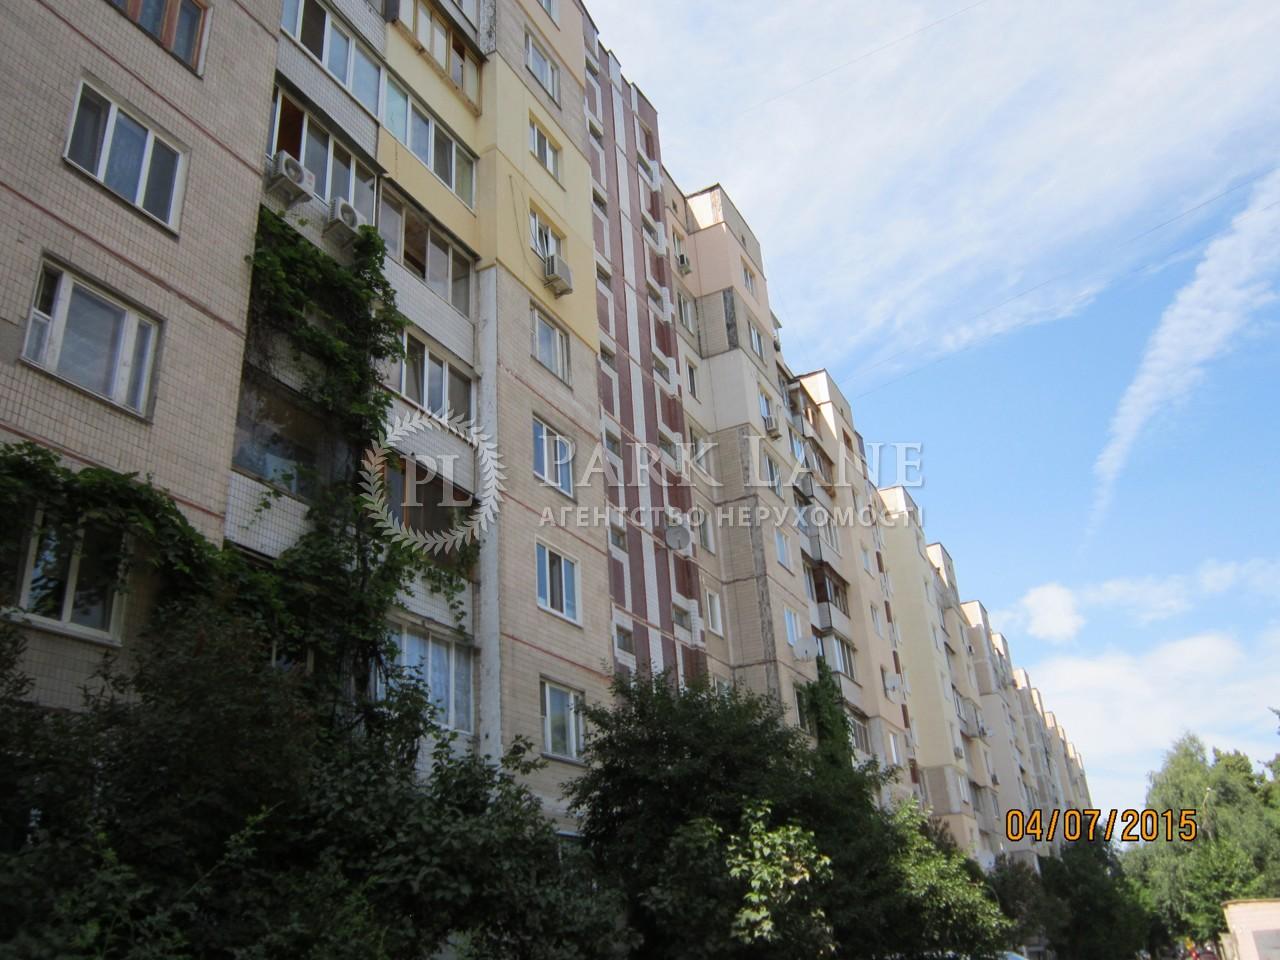 Нежитлове приміщення, вул. Кудряшова, Київ, H-33370 - Фото 1